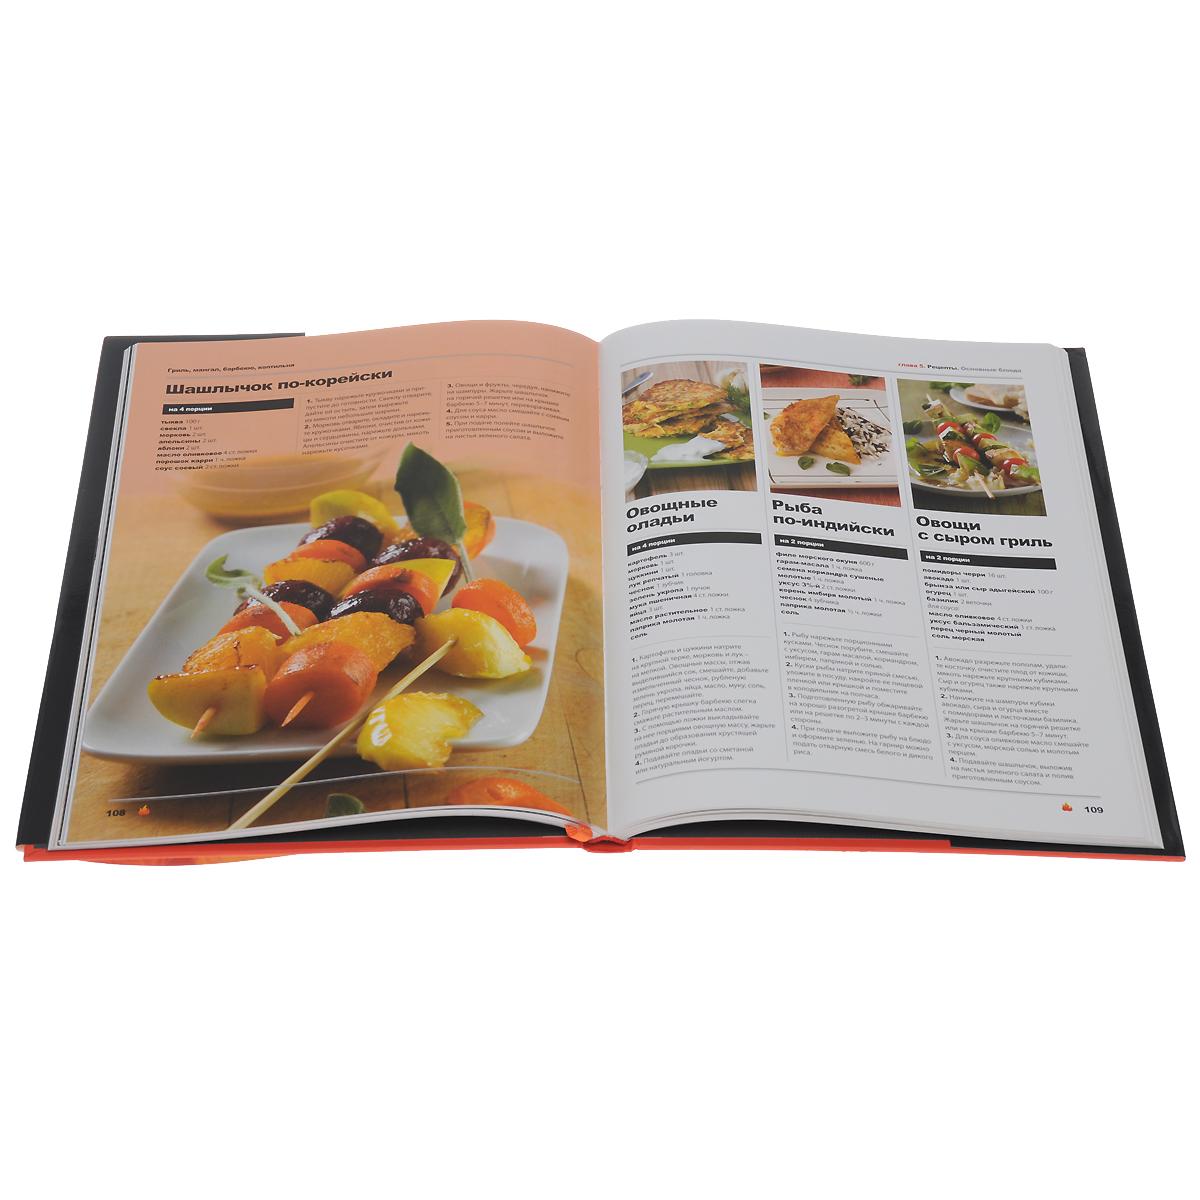 Гриль, мангал, барбекю, коптильня. Энциклопедия лучших блюд на открытом огне